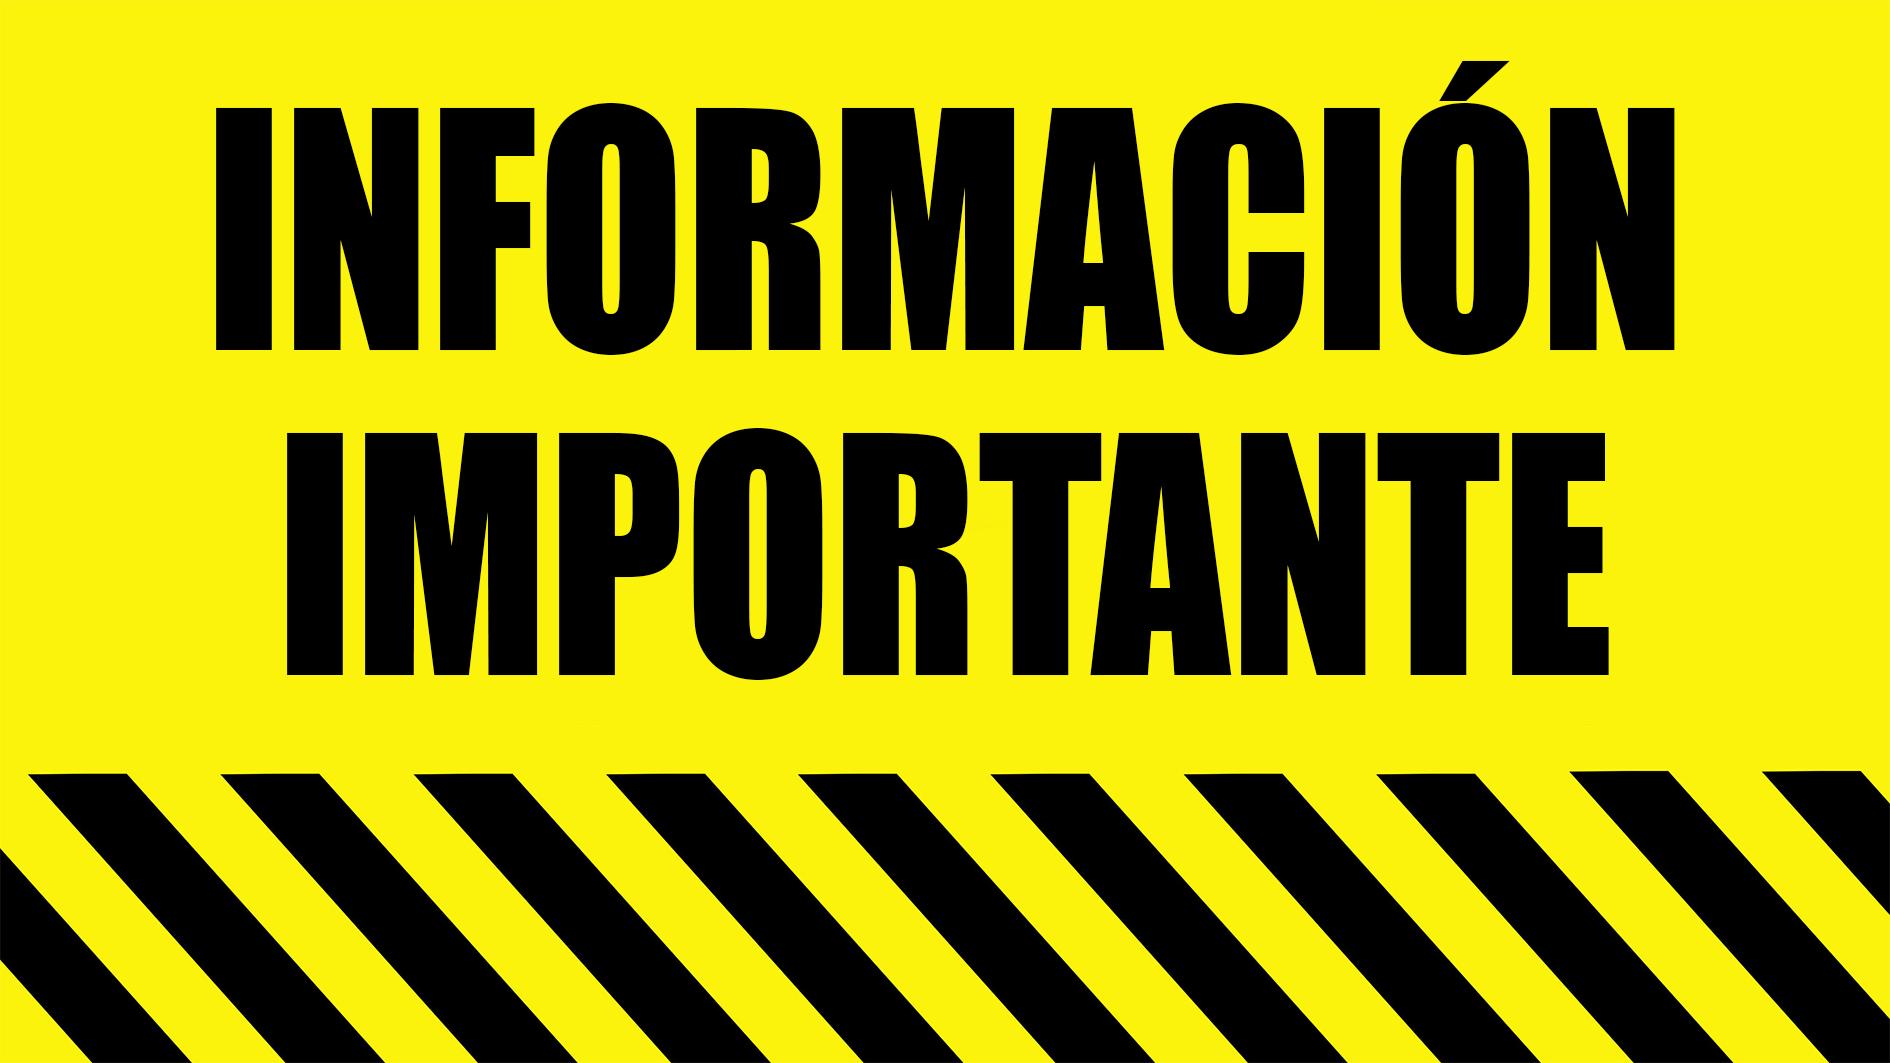 http://googlelizados.com/wp-content/uploads/2013/10/INFORMACION.jpg